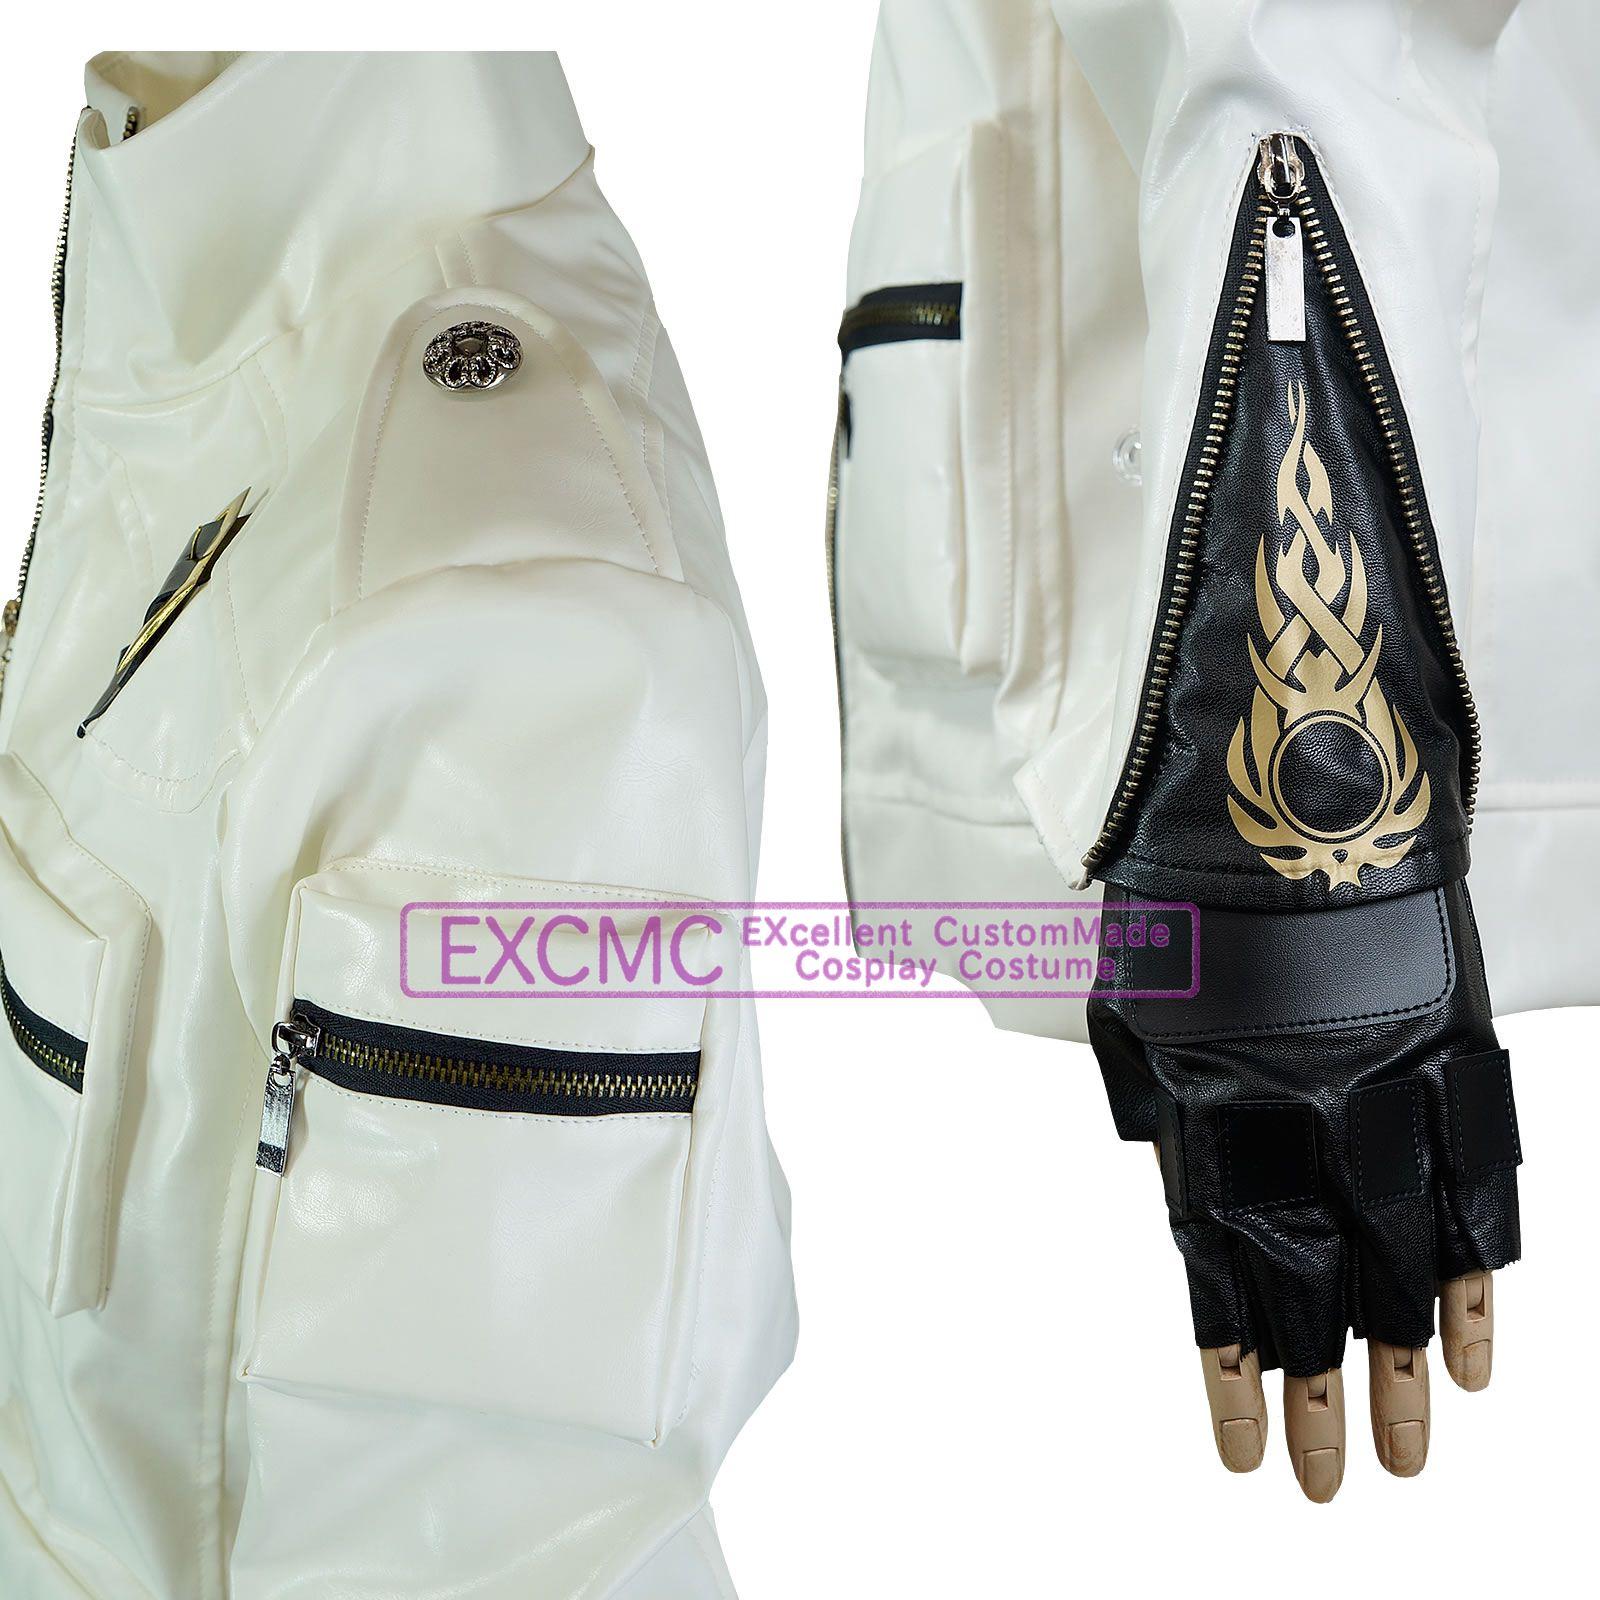 ザ・キング・オブ・ファイターズ14 草薙京 風 コスプレ衣装3